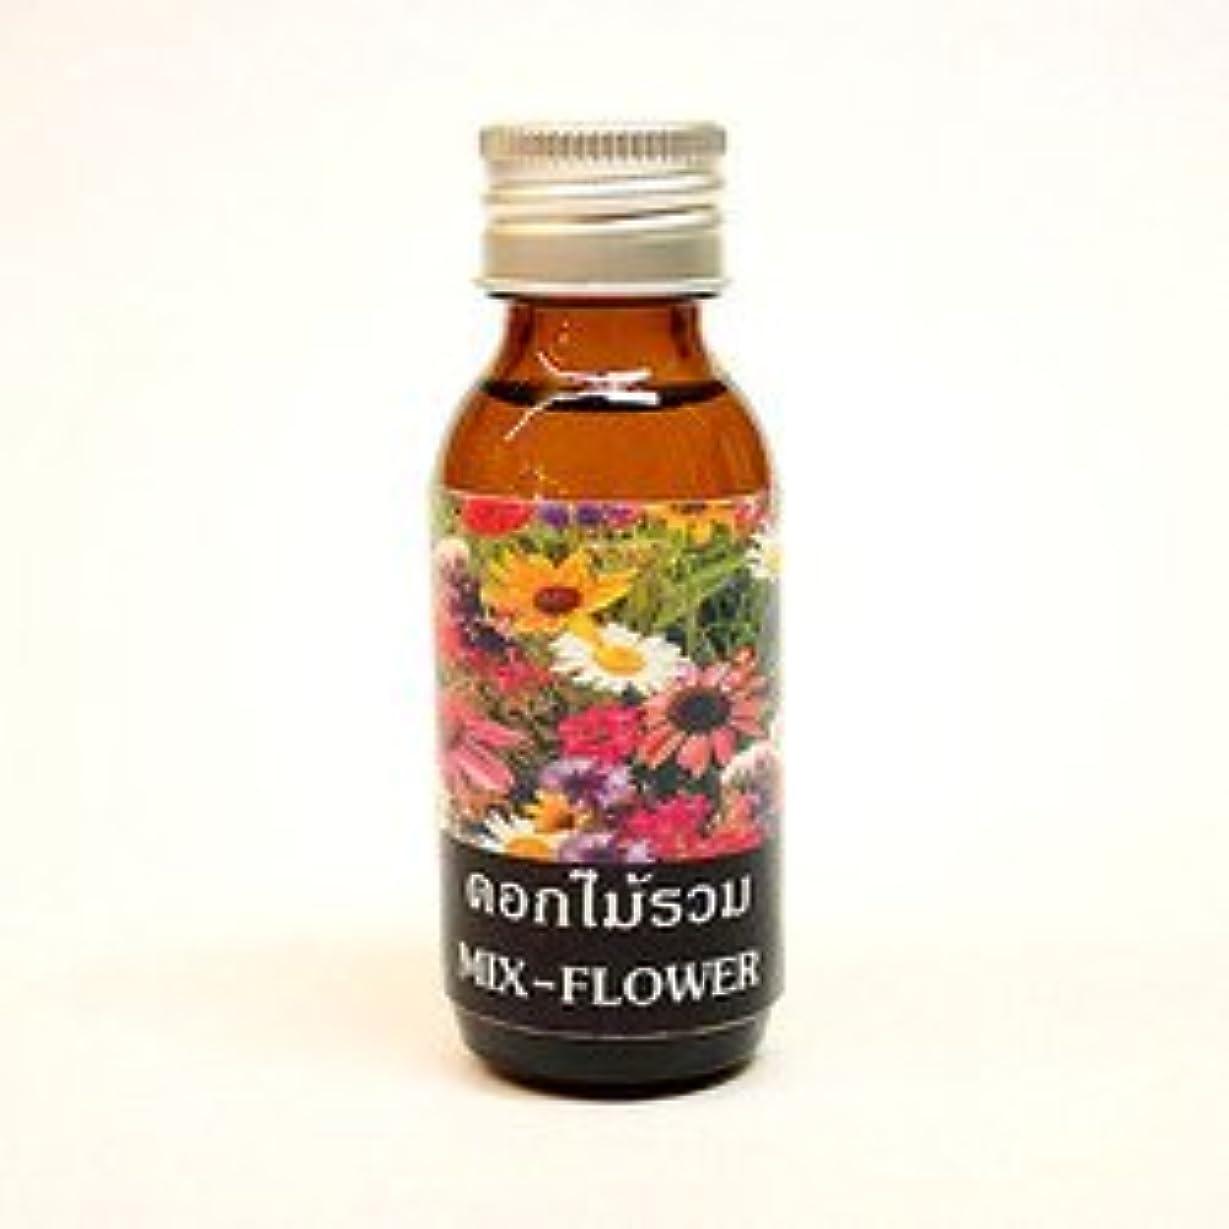 耳トラップセラフミックスフラワー 〔Mix-Flower〕 アロマテラピーオイル 30ml アジアン雑貨